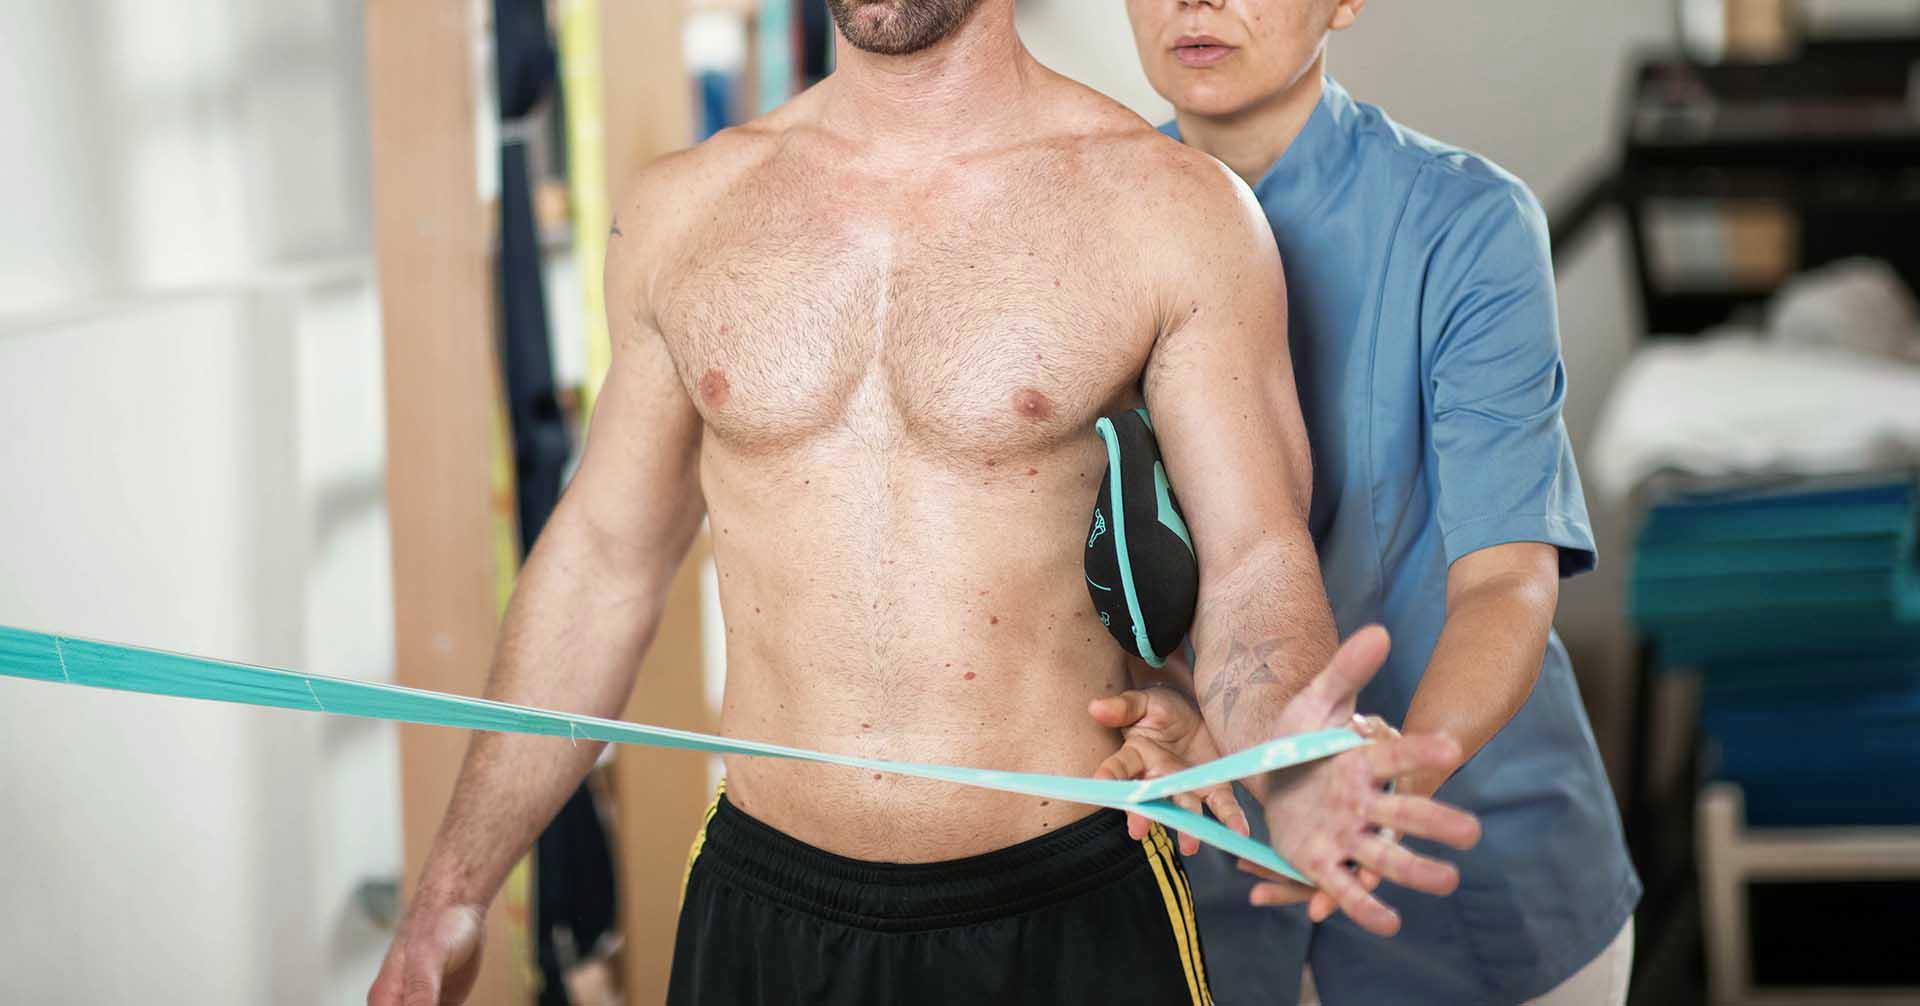 Esercizio per i muscoli extra rotatori dell'omero dolore di spalla olisty